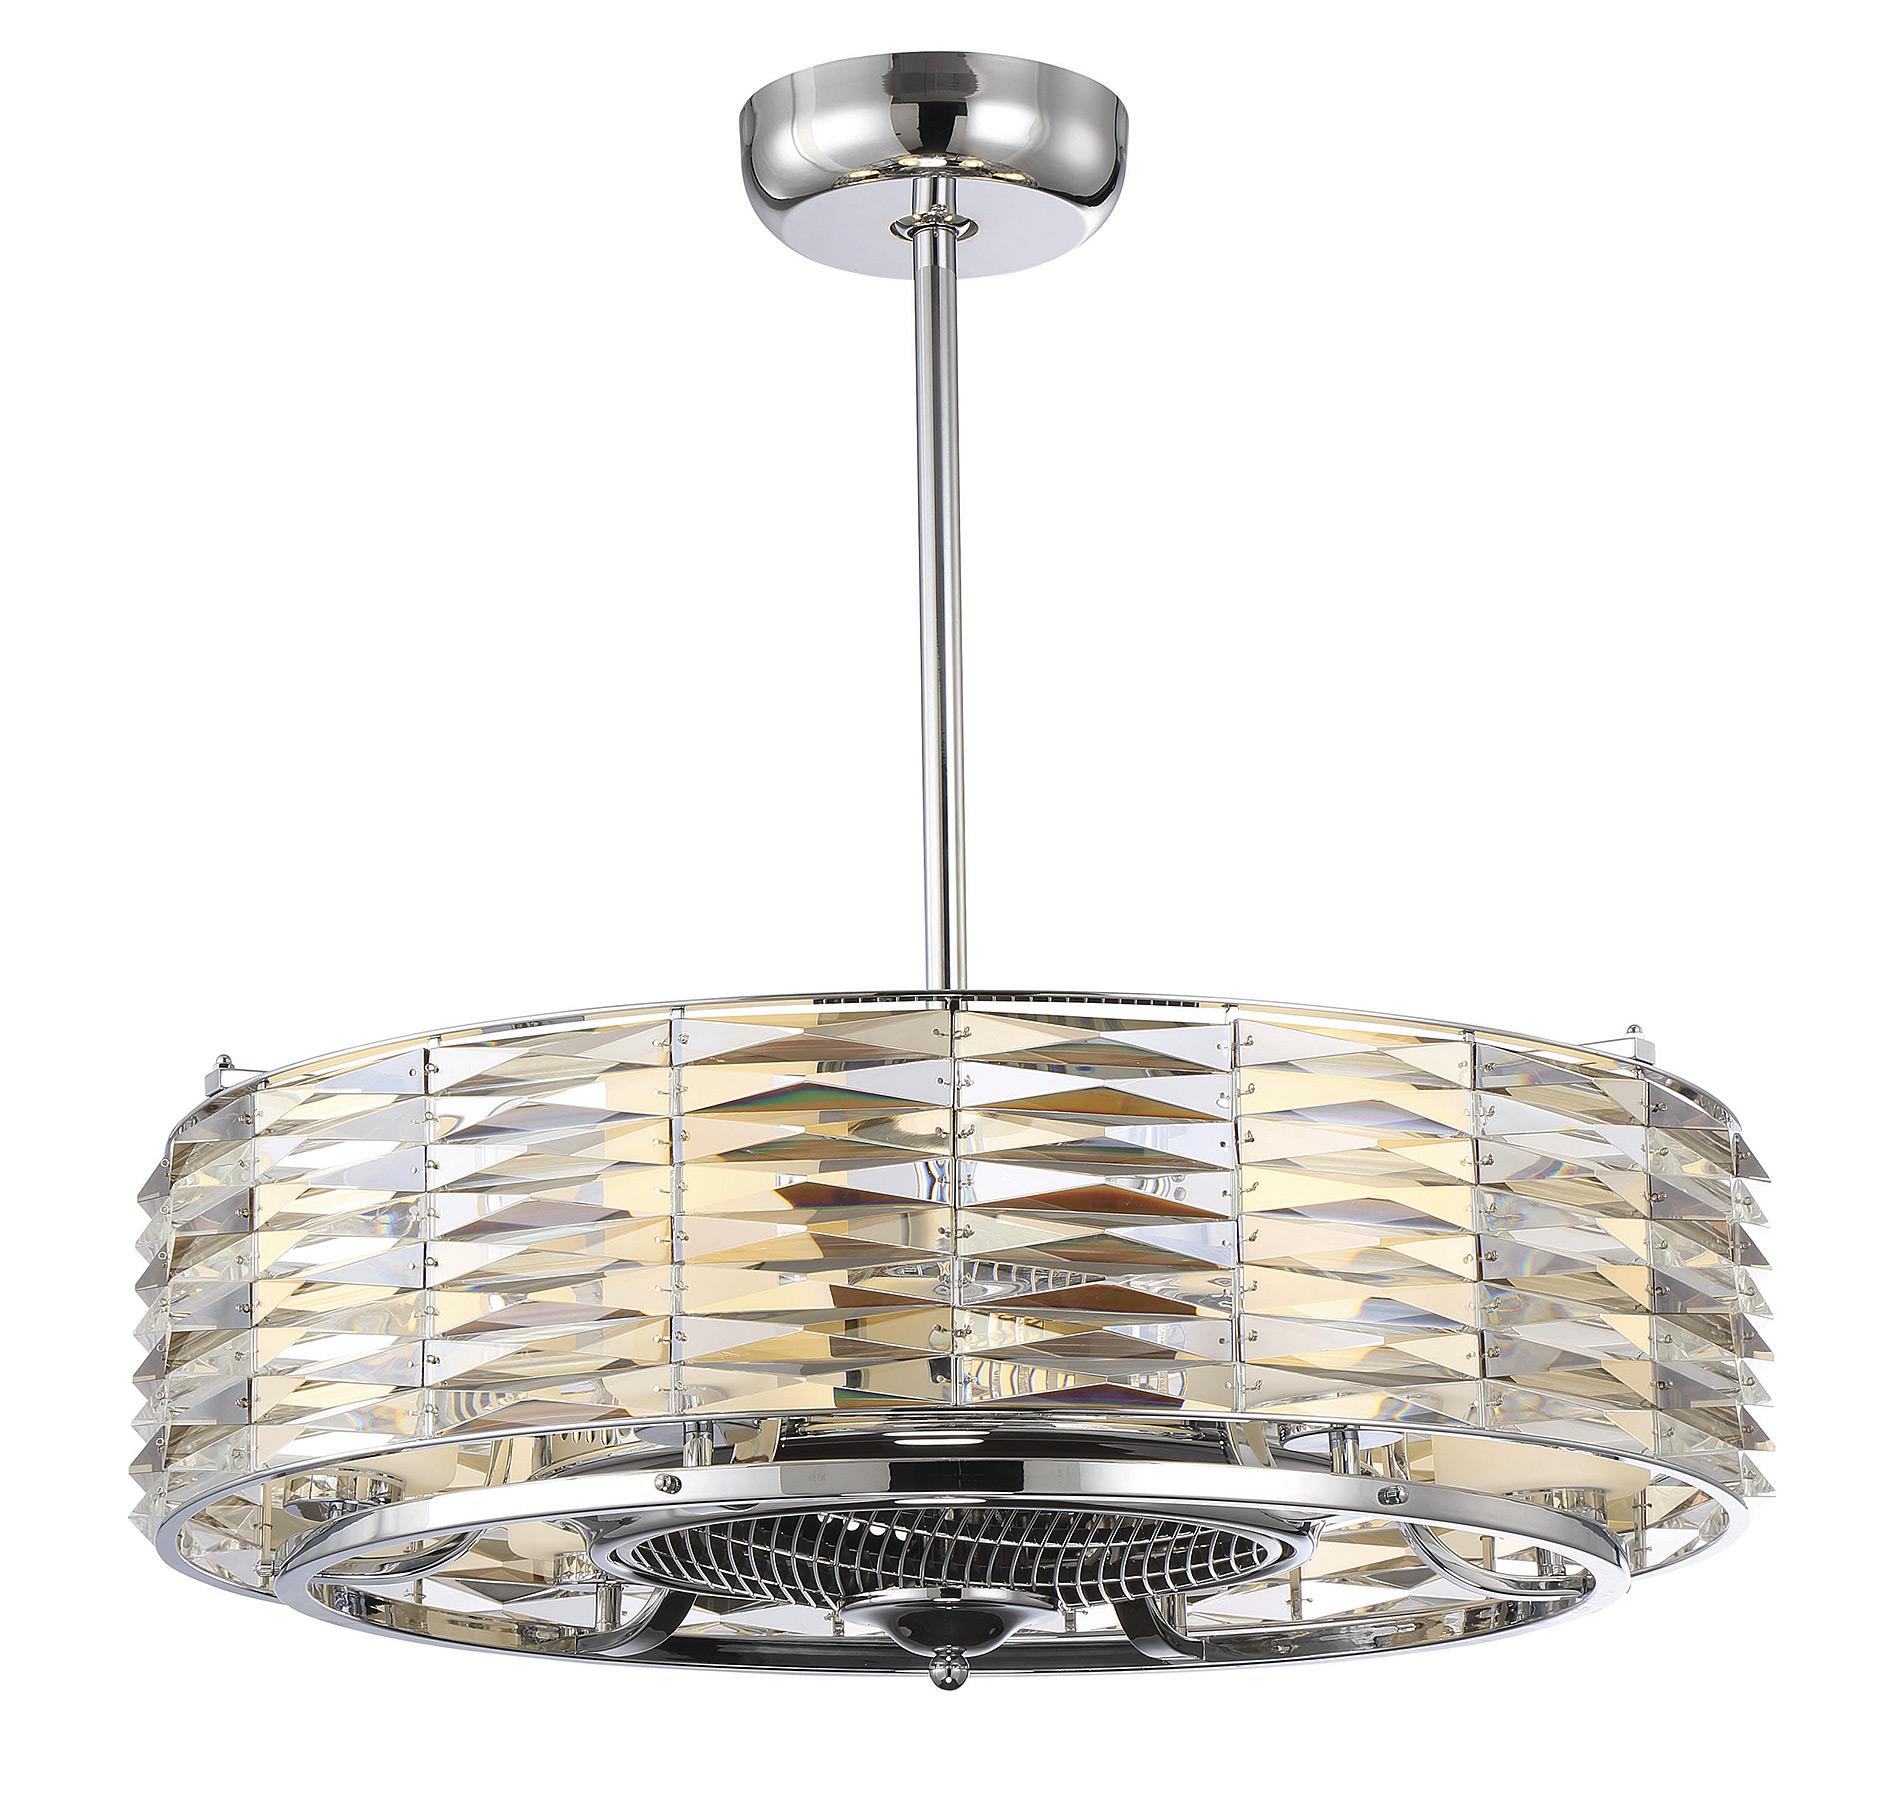 Crystal ceiling fan light kit 10 methods to modernize your